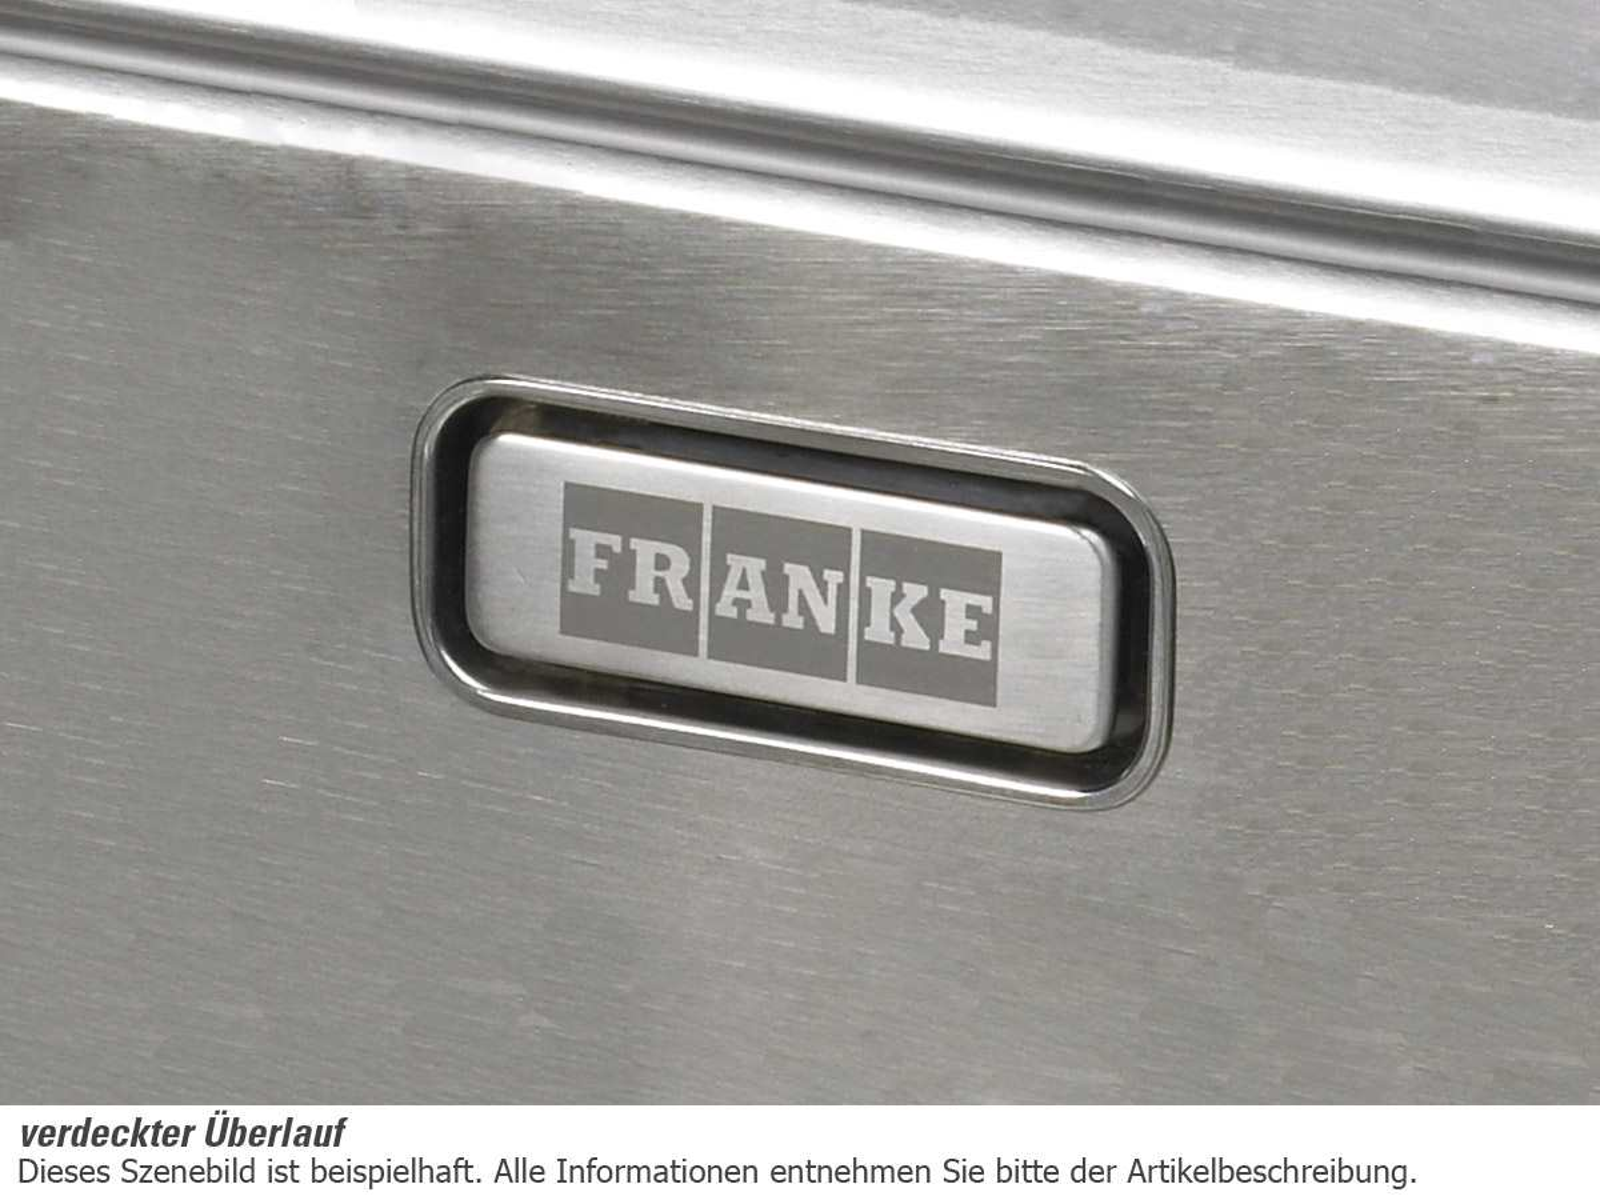 Franke Box BXX 210/110-54 Edelstahlspüle glatt - 127.0375.278 Auflage flächenbündig Unterbau